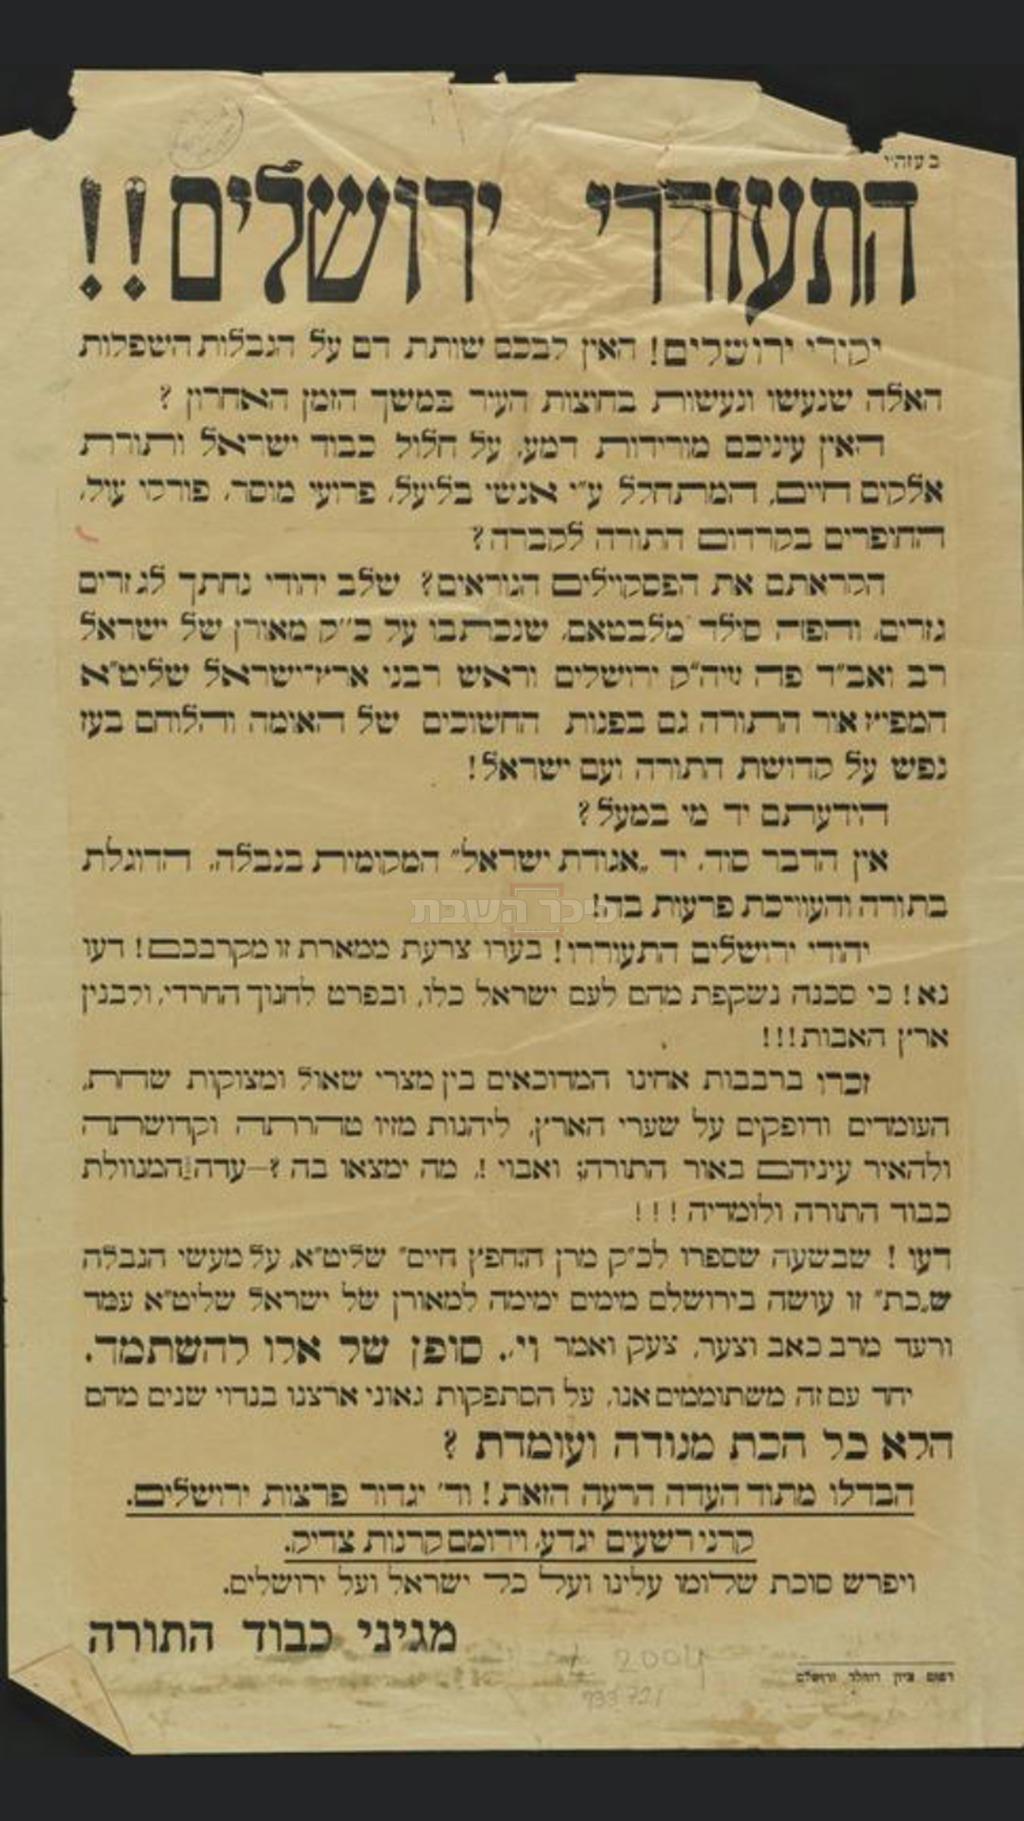 פשקוויל שכתבו תלמידי הראי''ה קוק כנגד מתנגדיו, בו נטען שהחפץ חיים מחה על ביזוי הראי''ה קוק (באדיבות ארכיון אור האורות)